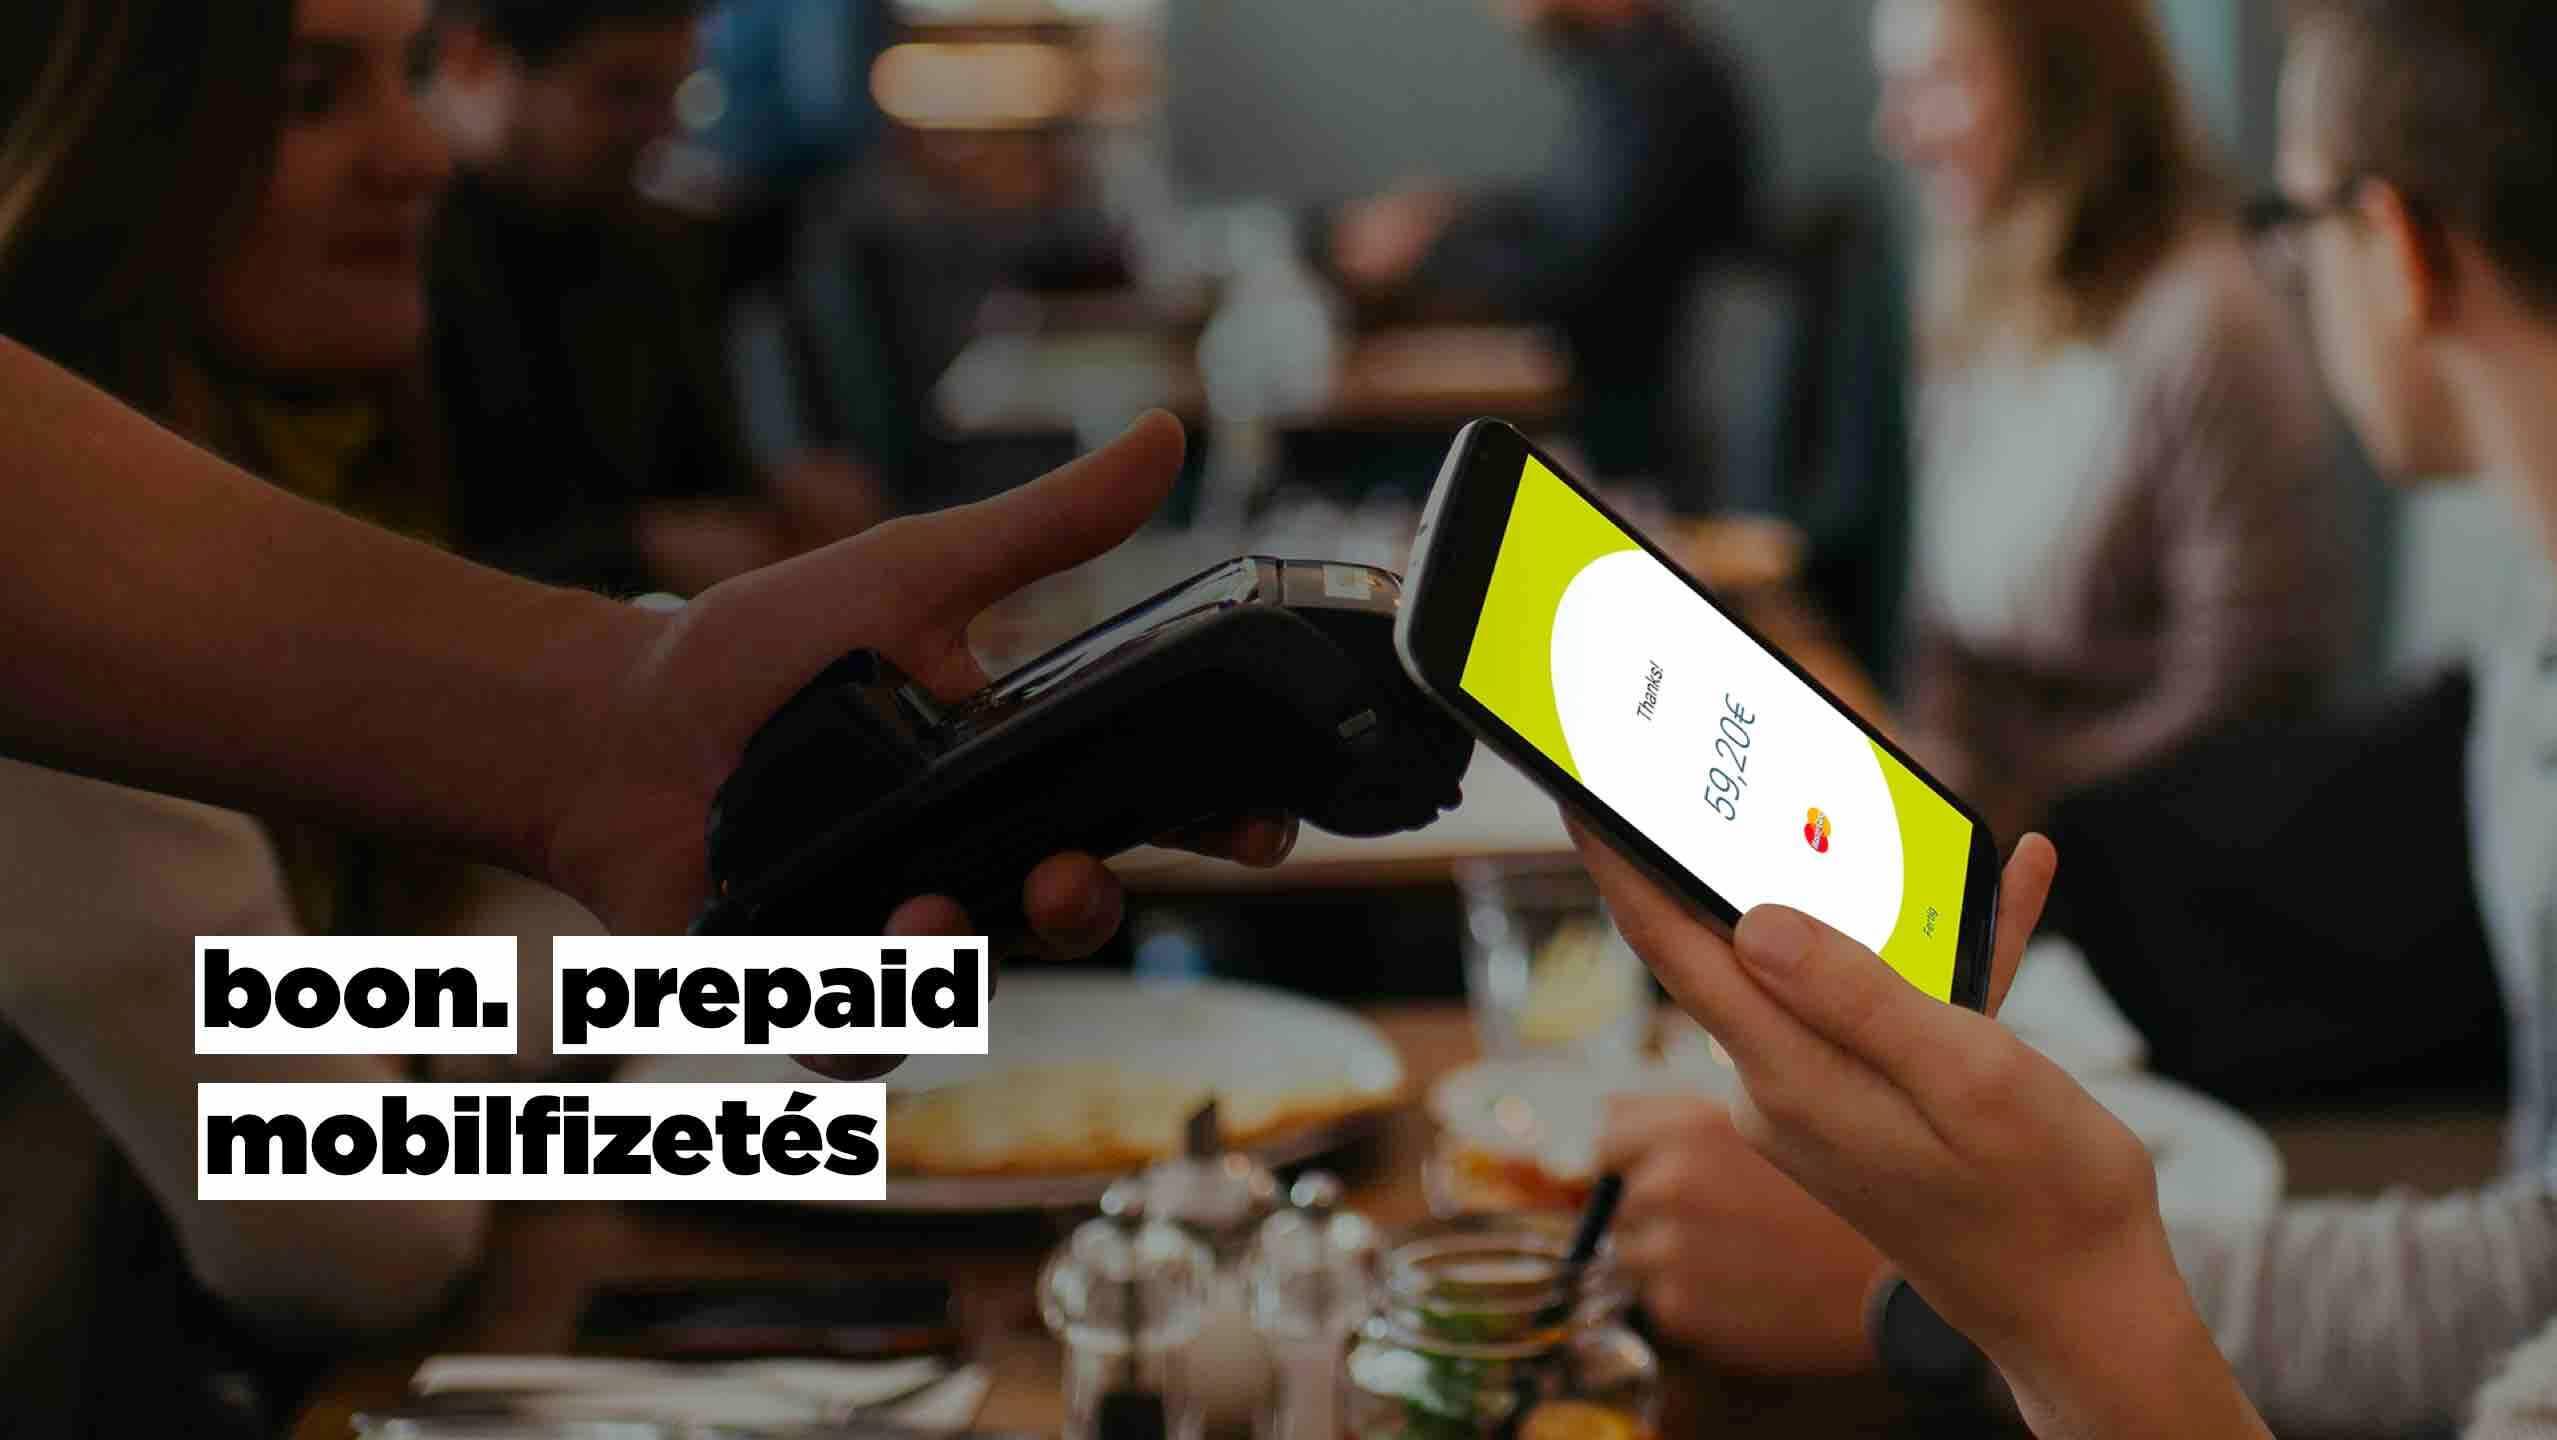 Boon. mobilfizetés korlátok nélkül. A mobilfizetés Szent Grálja?